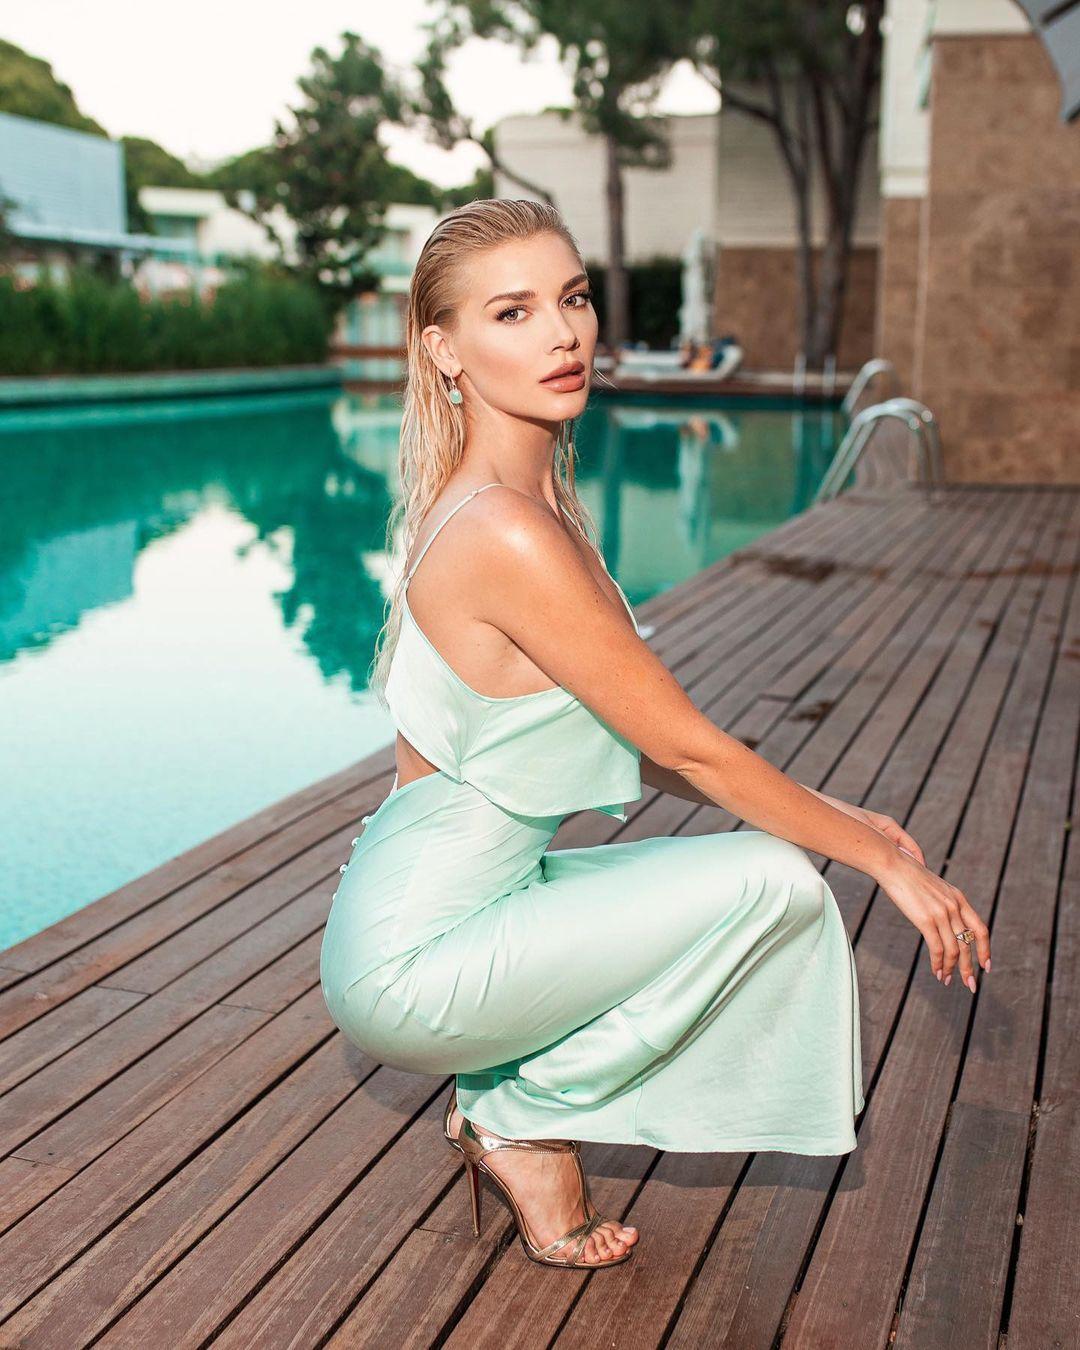 Мише Романовой - 31 / instagram.com/misharomanova